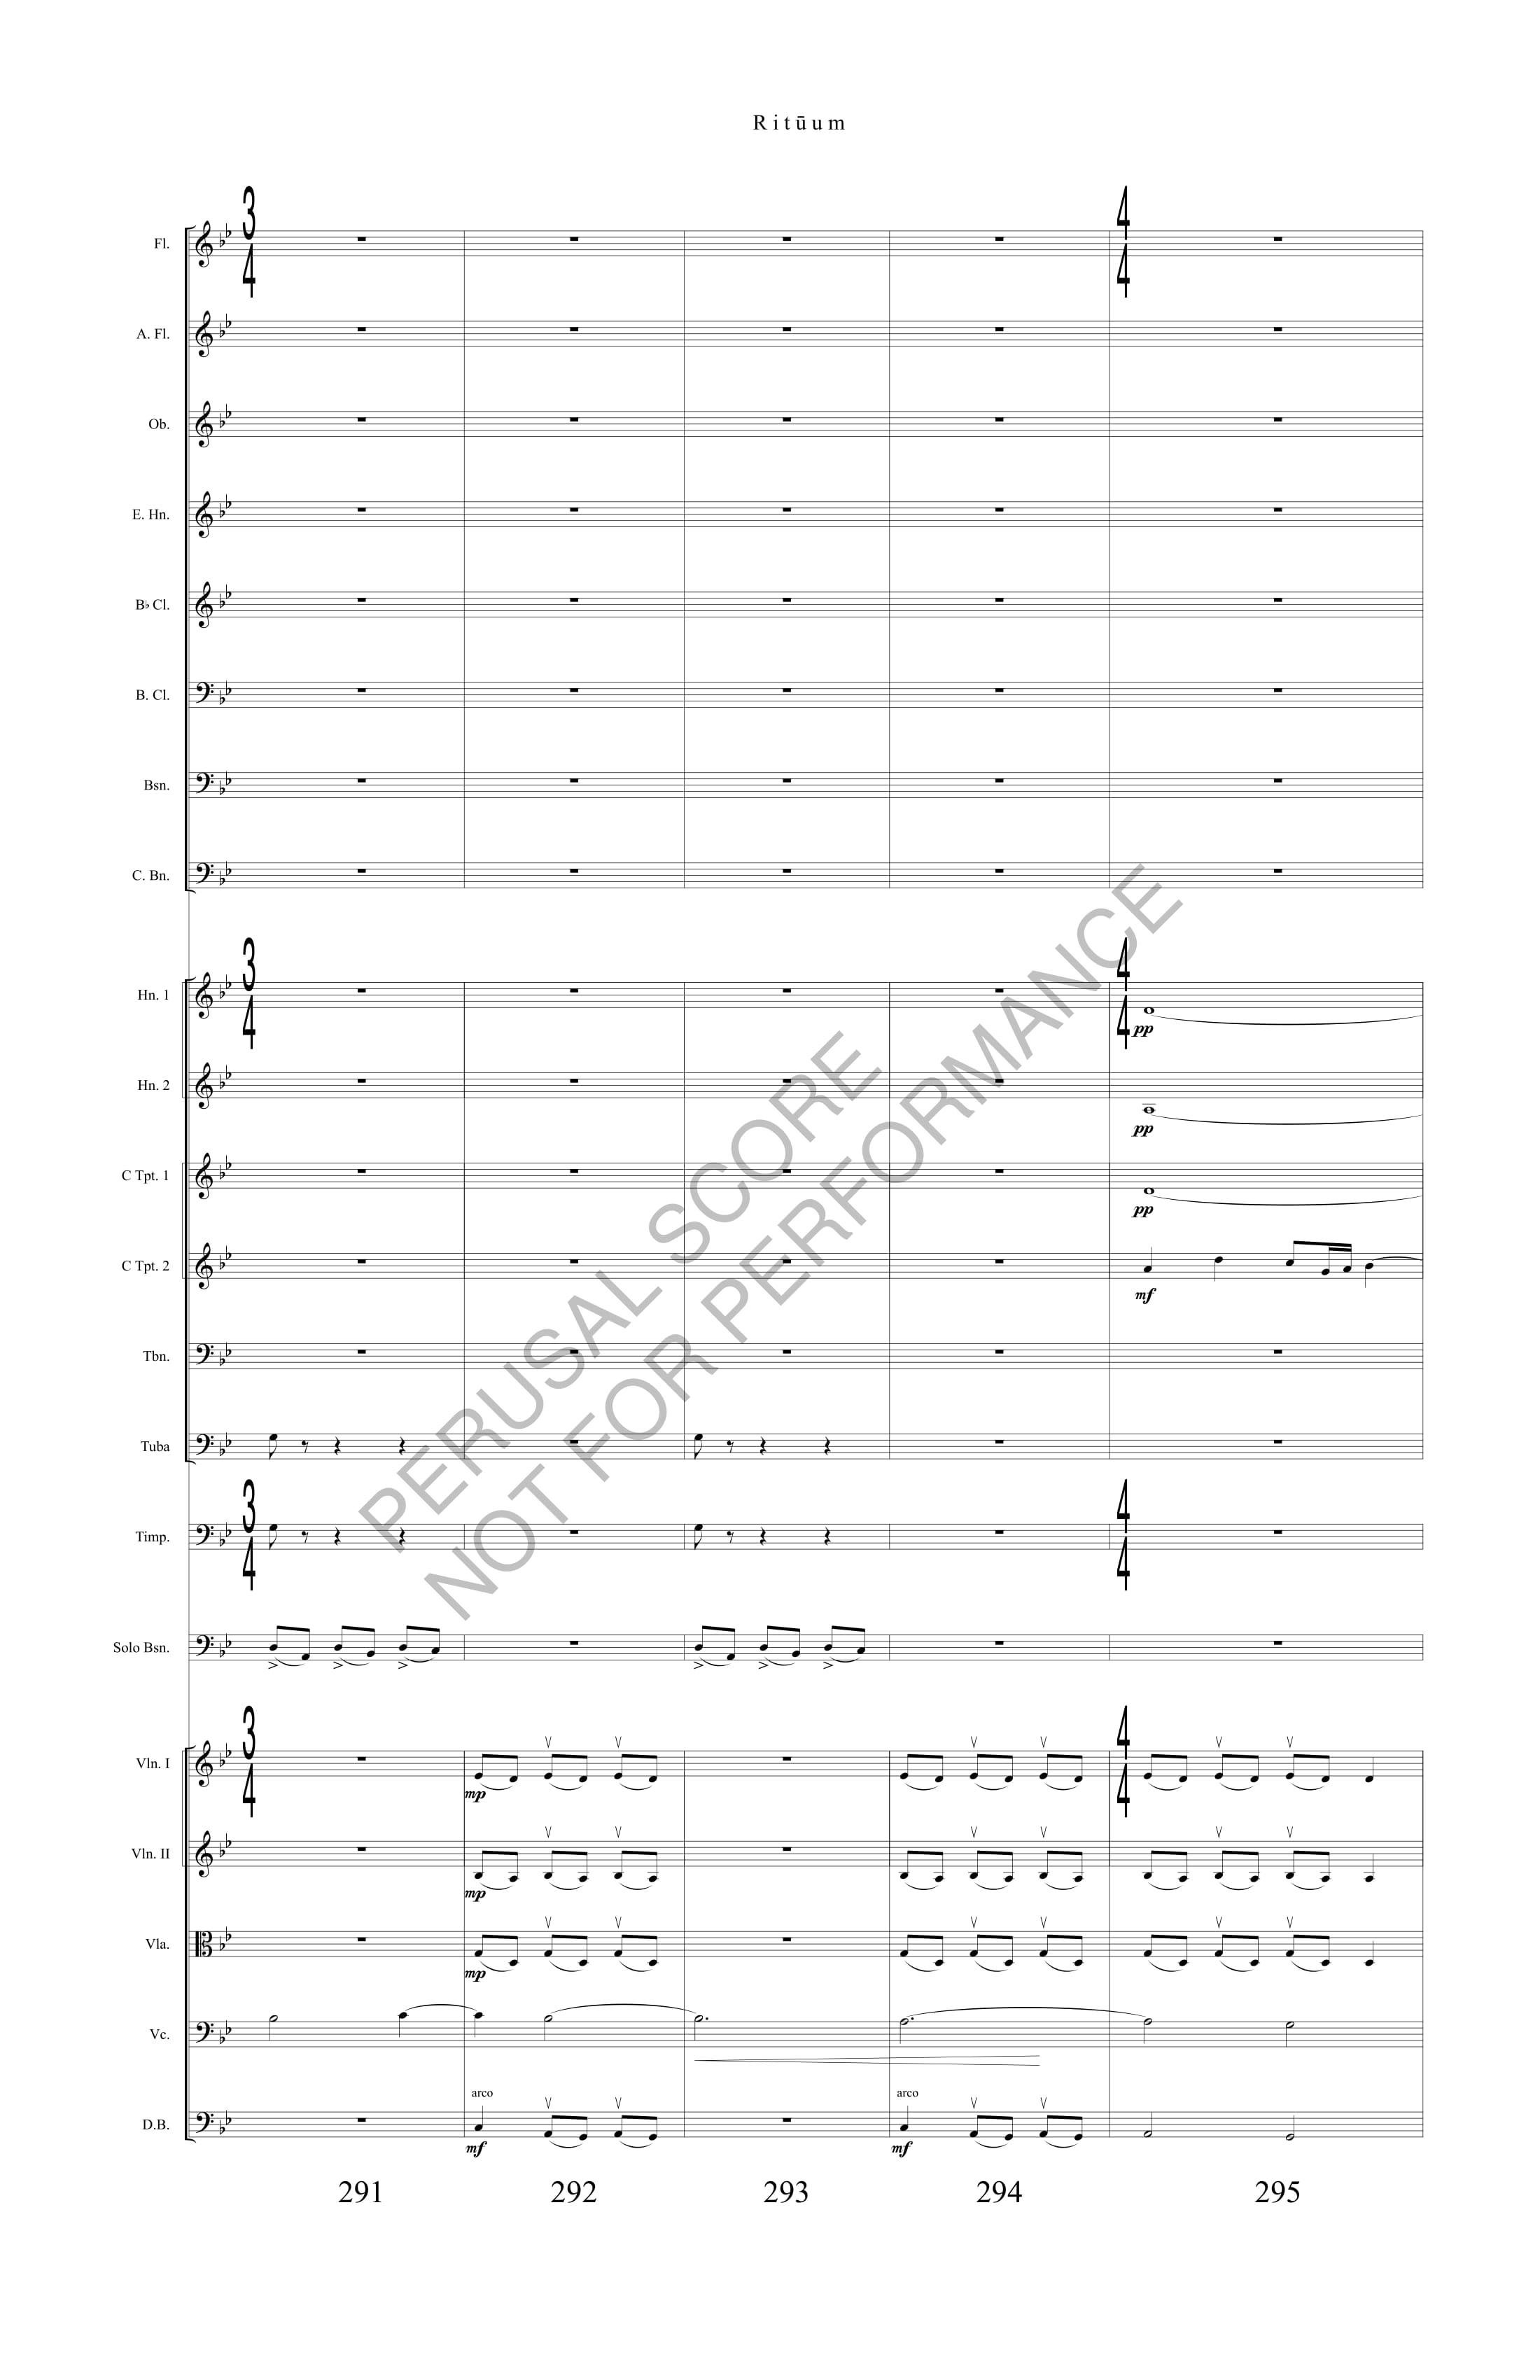 Boyd Rituum Score-watermark (1)-67.jpg